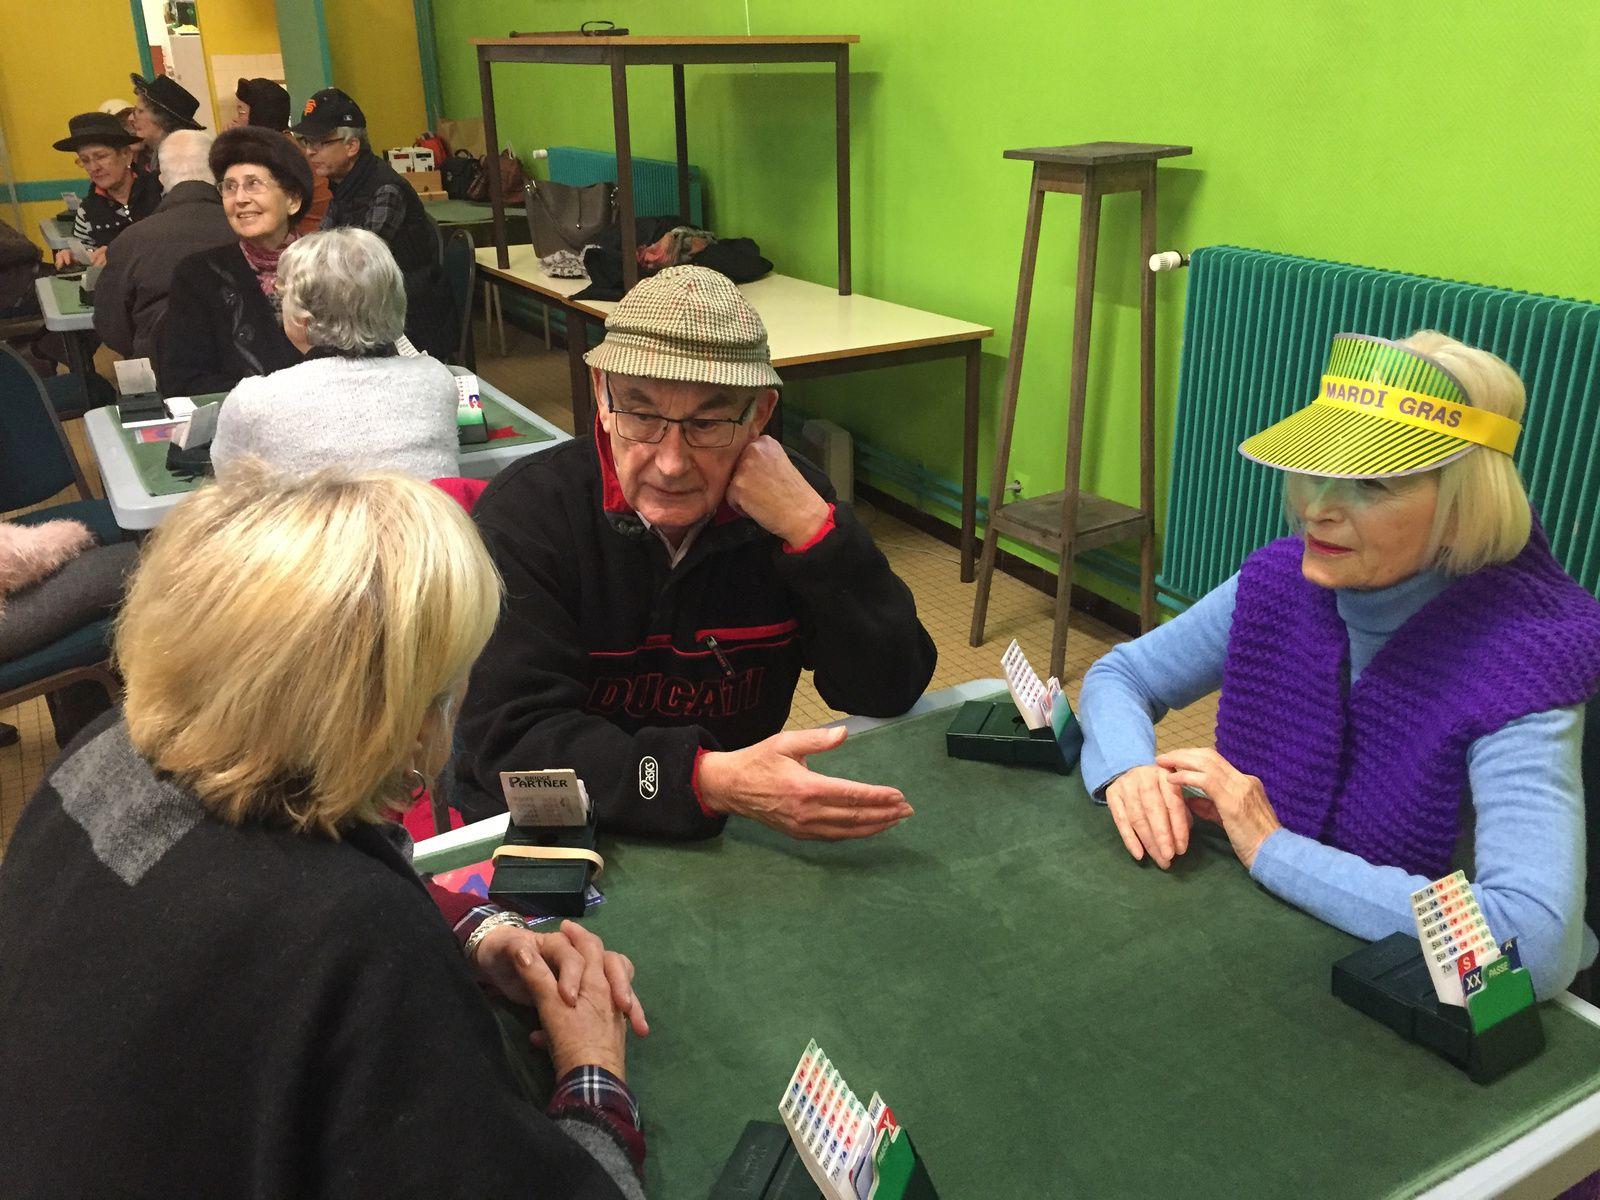 Le tournoi du chapeau, c'est quelque chose